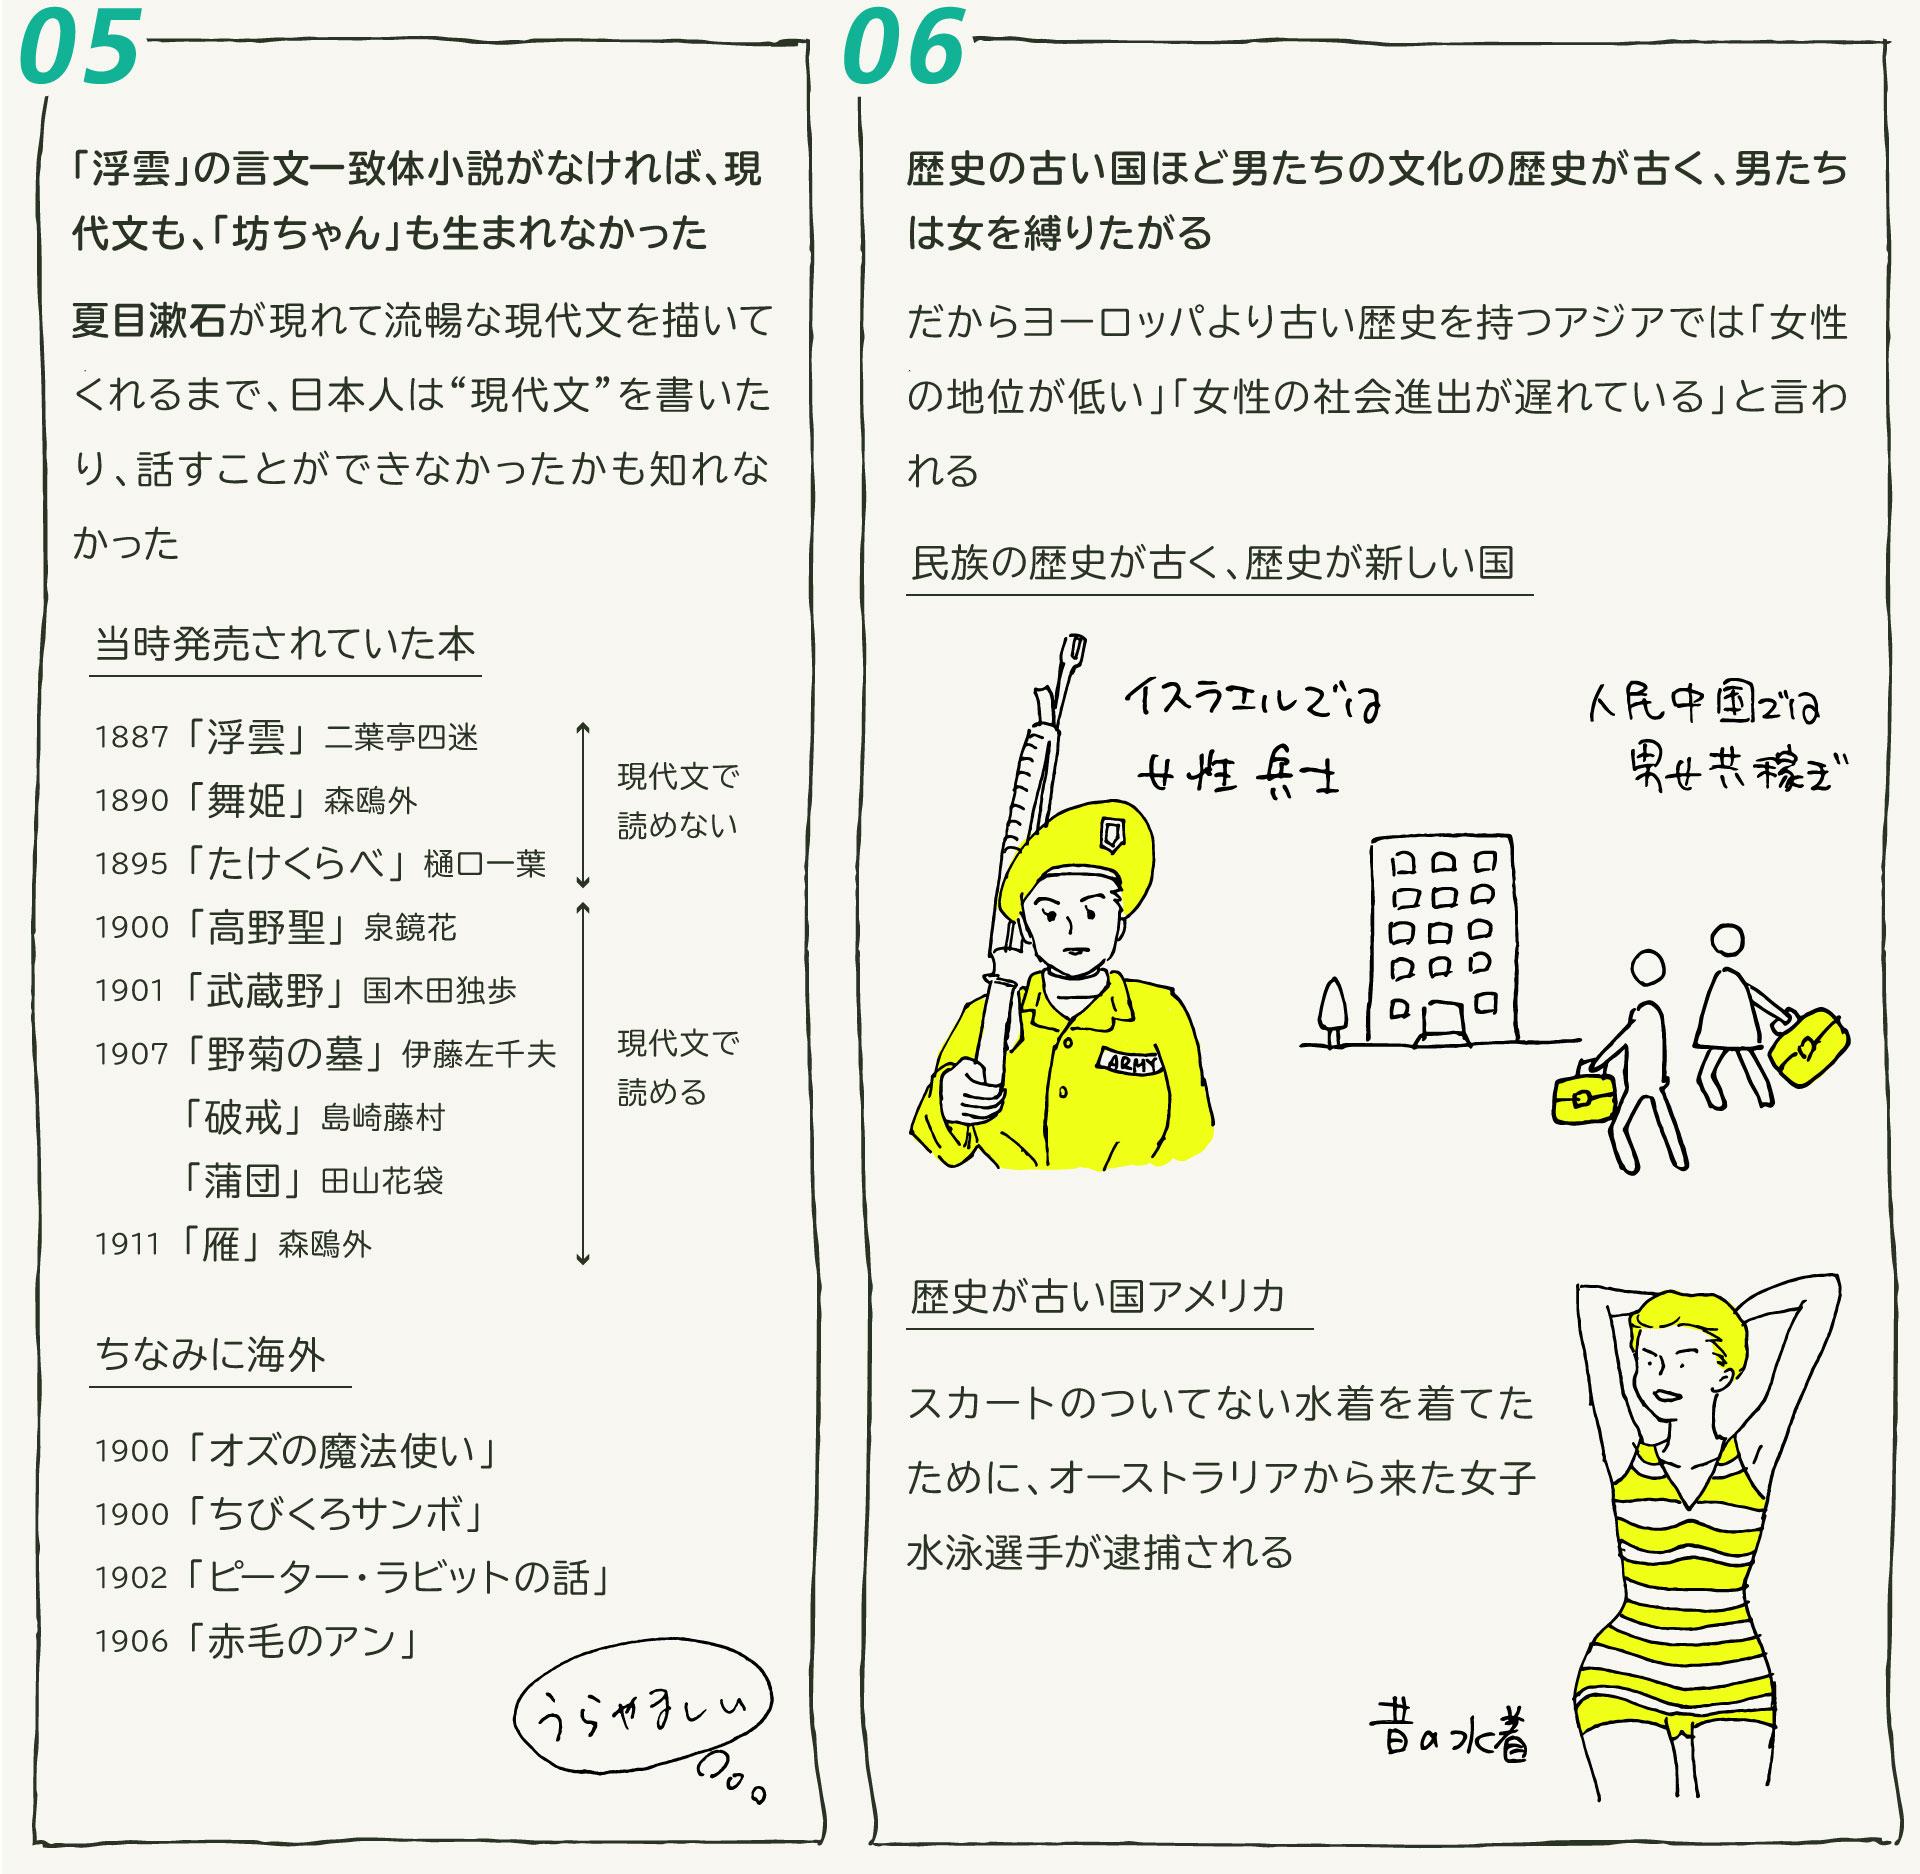 二十世紀、戦争、侵略、日本、歴史、象徴、王族、夏目漱石、橋本治